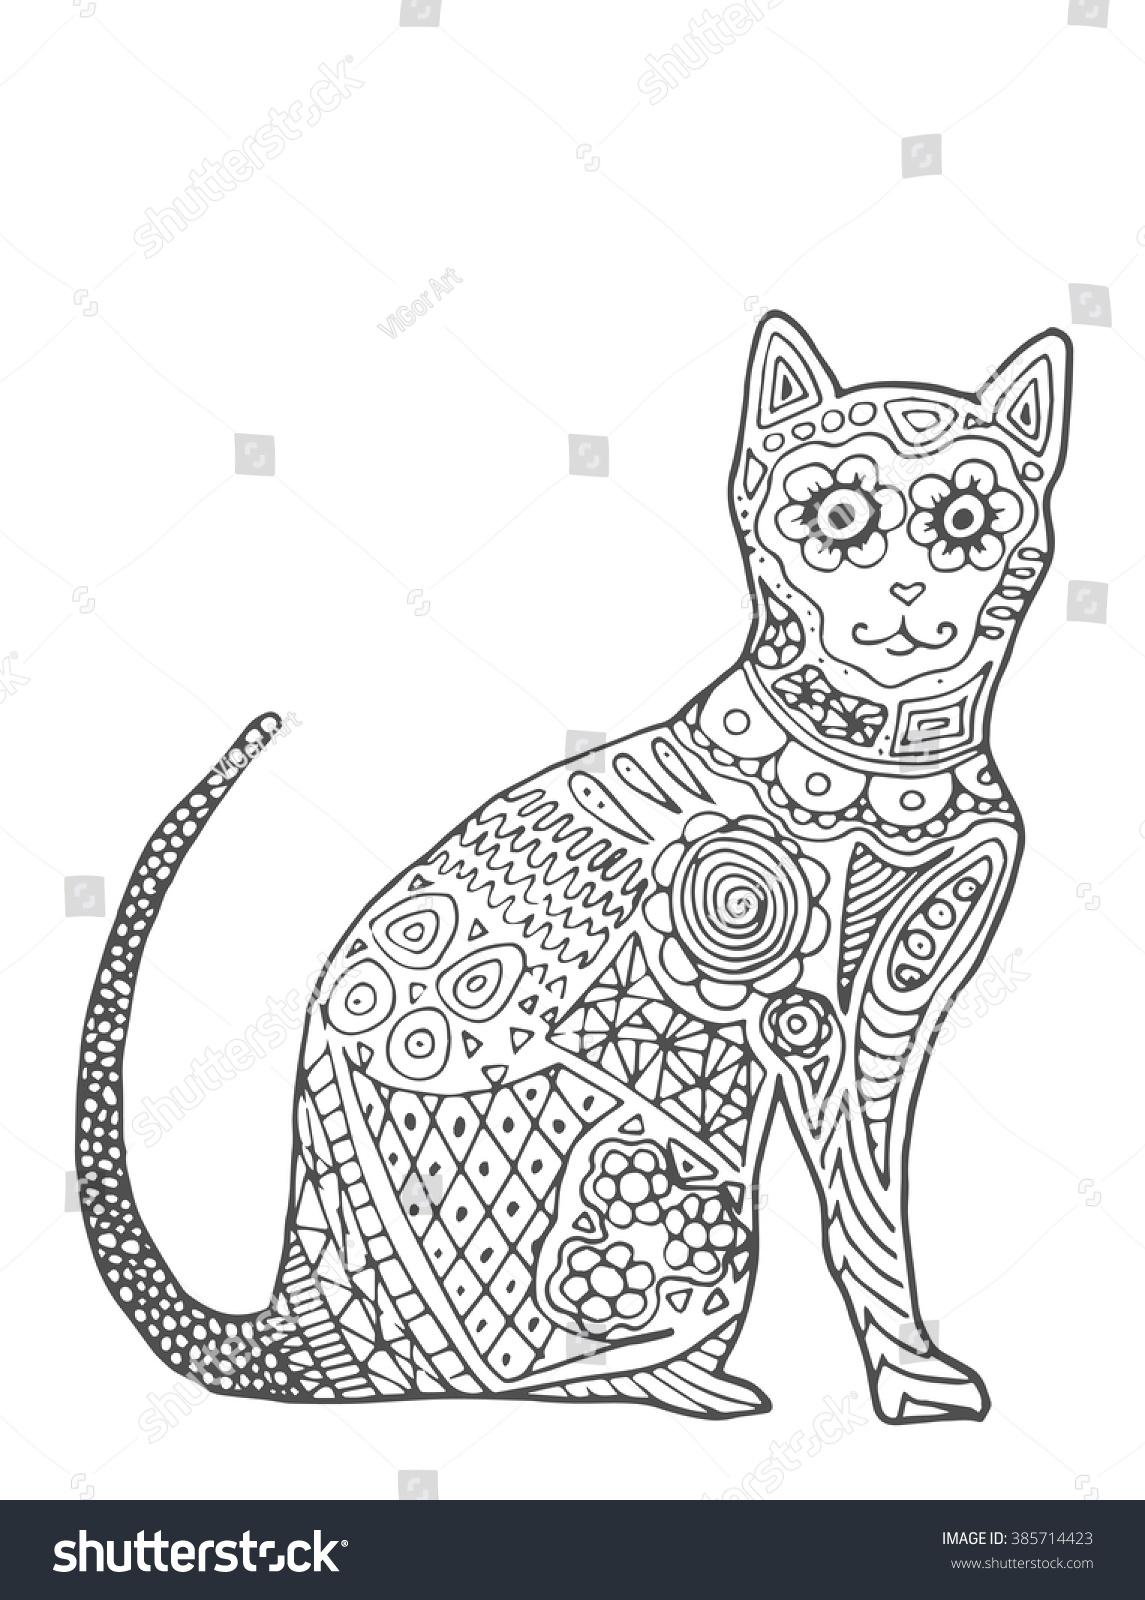 Cat Zentangle Doodle Cat Mehendi Abstract Stock Vector 385714423 - Shutterstock